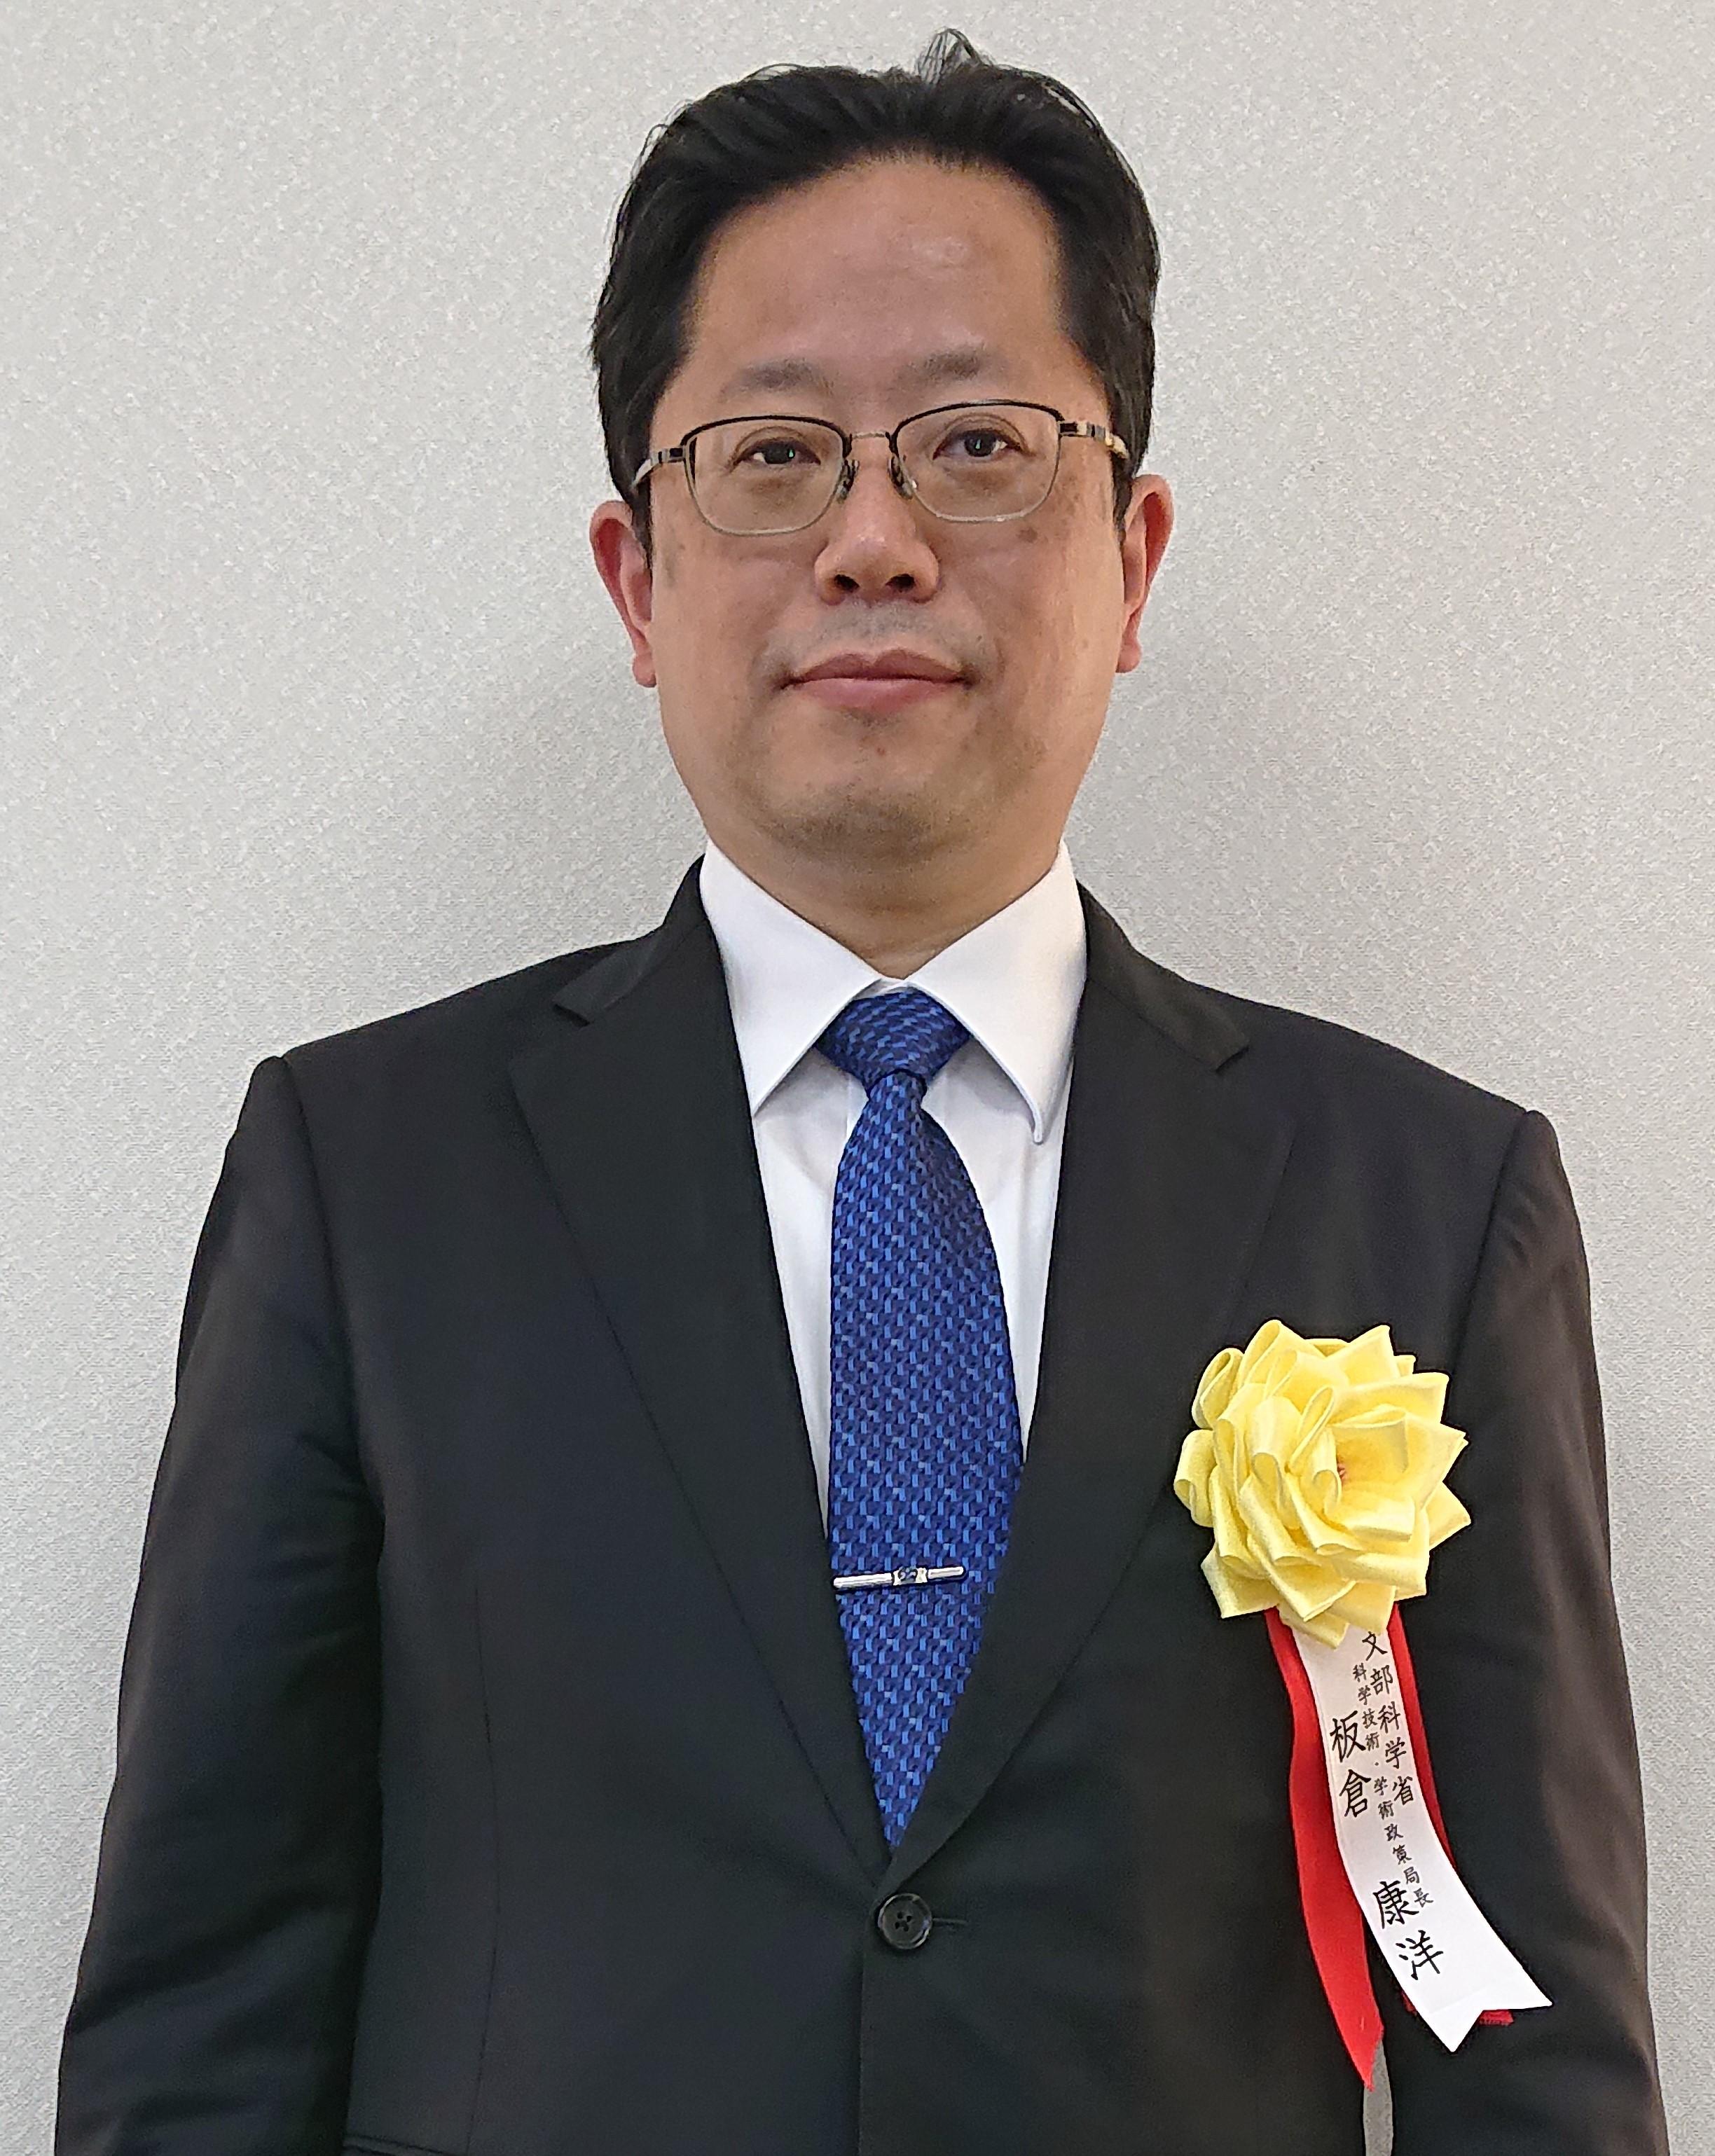 第9回技術経営・イノベーション大賞 文部科学大臣賞2